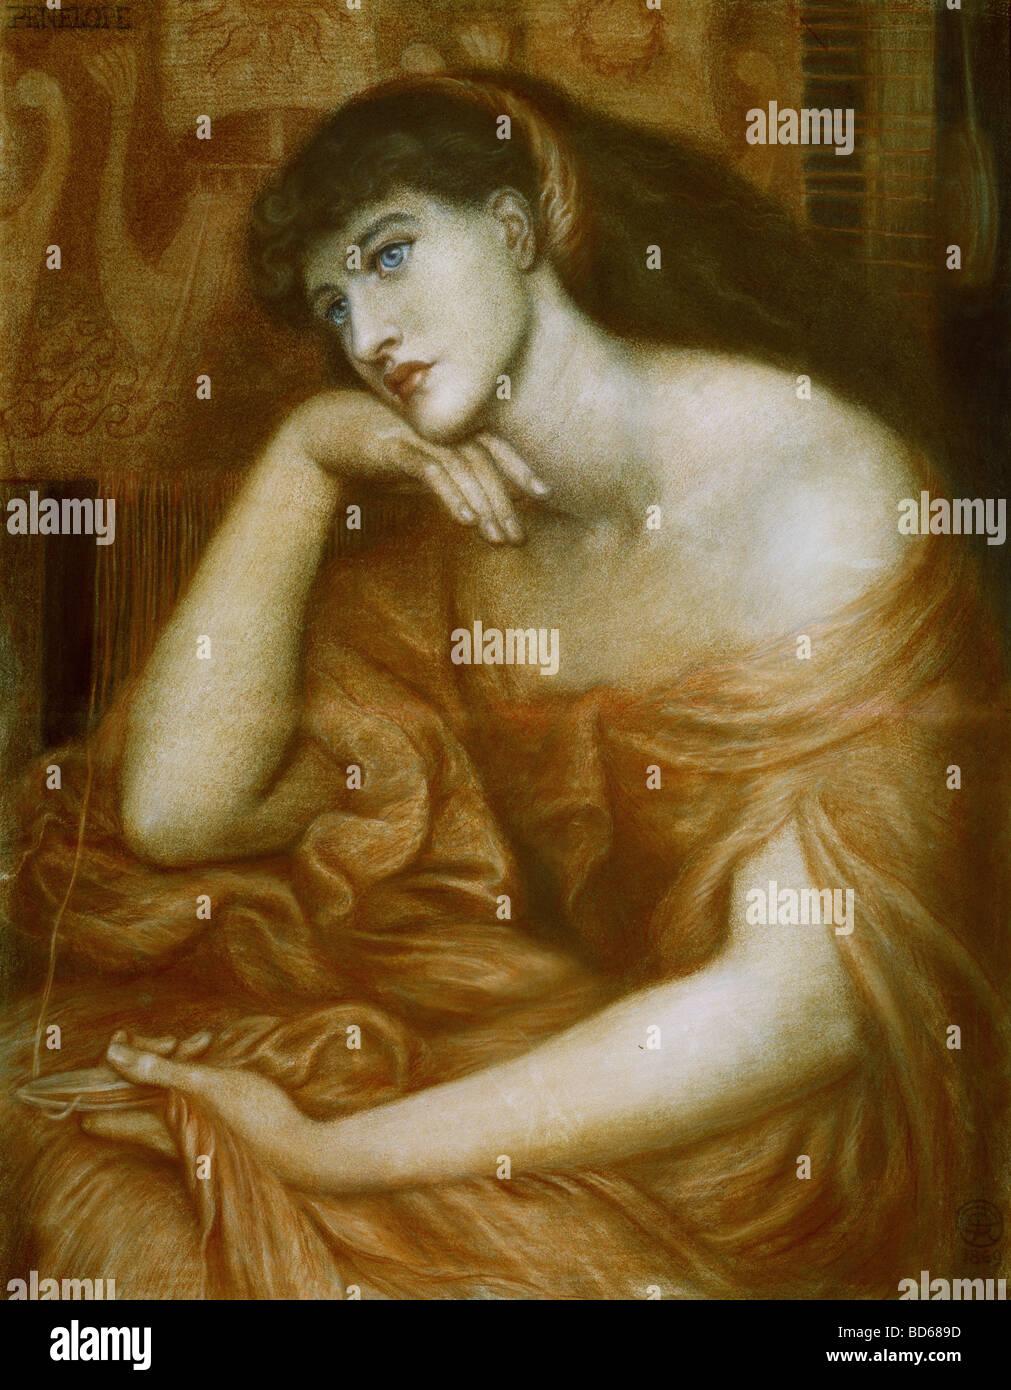 """Belas artes, Rossetti, Dante Gabriel (1828 - 1882), pintura, """"Penélope"""", óleo sobre tela, 1869, Imagens de Stock"""